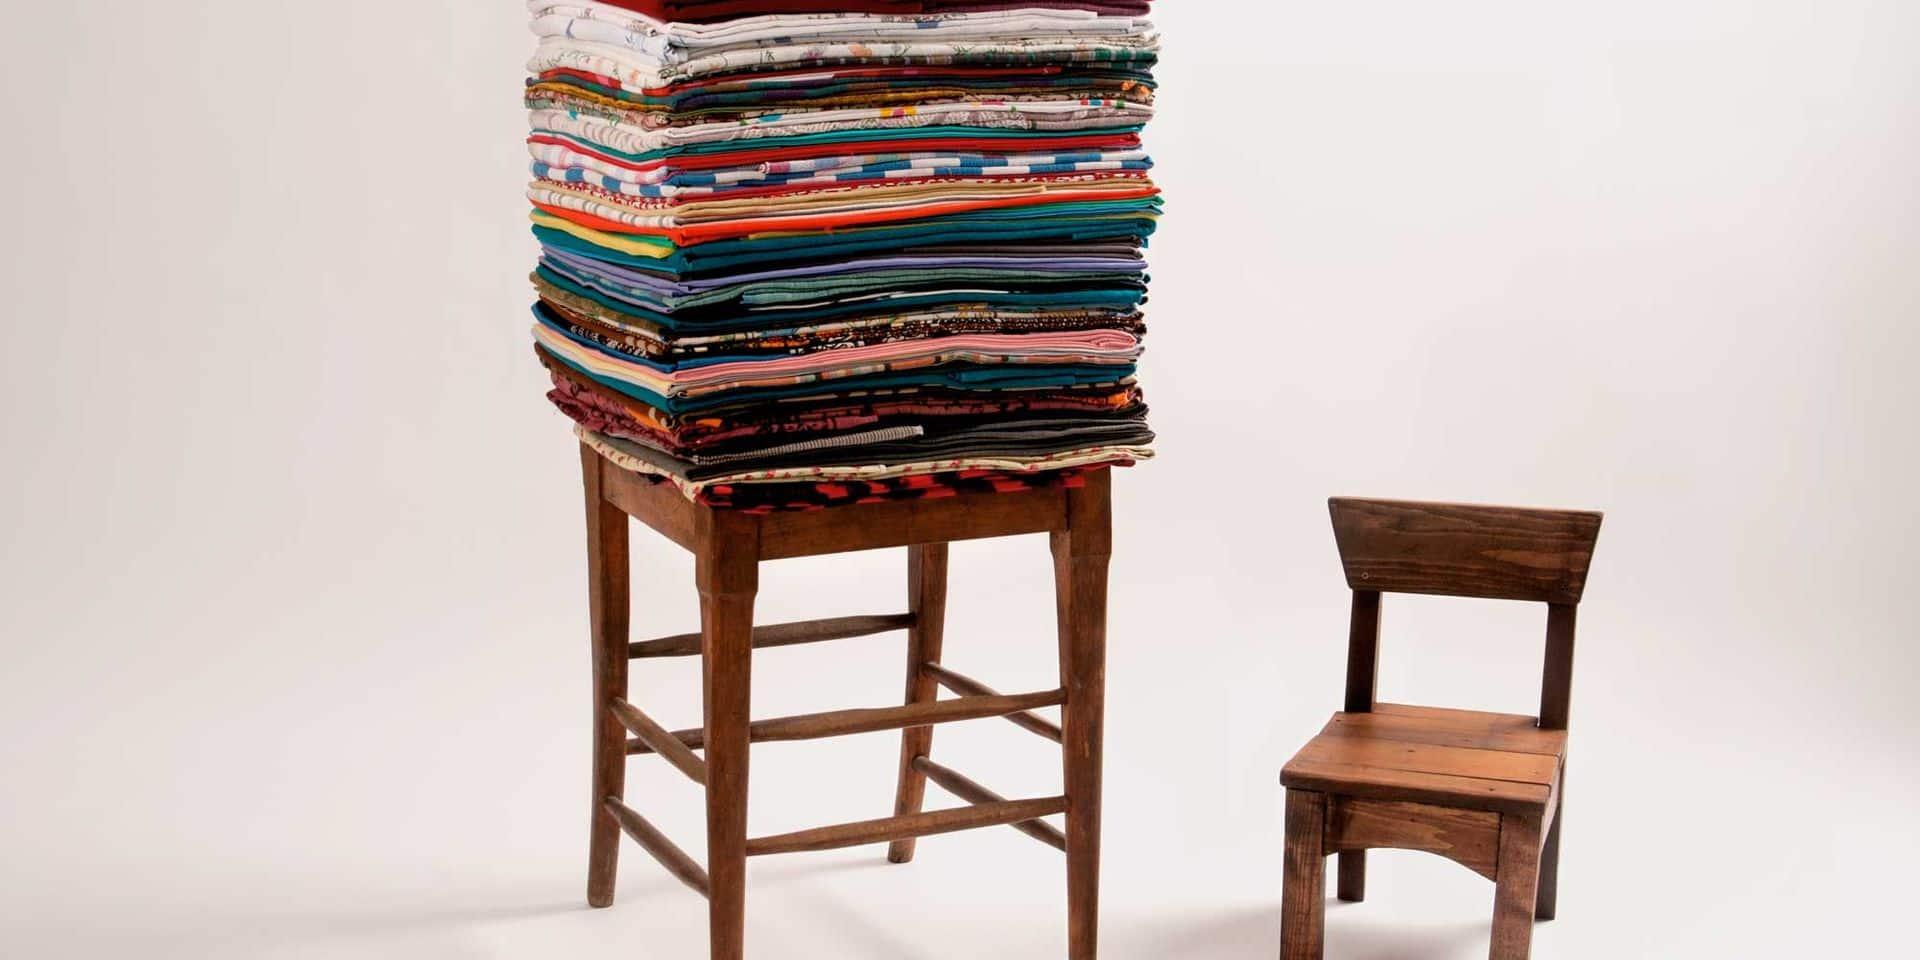 La création textile belge sous toutes ses coutures dans une expo à Mons